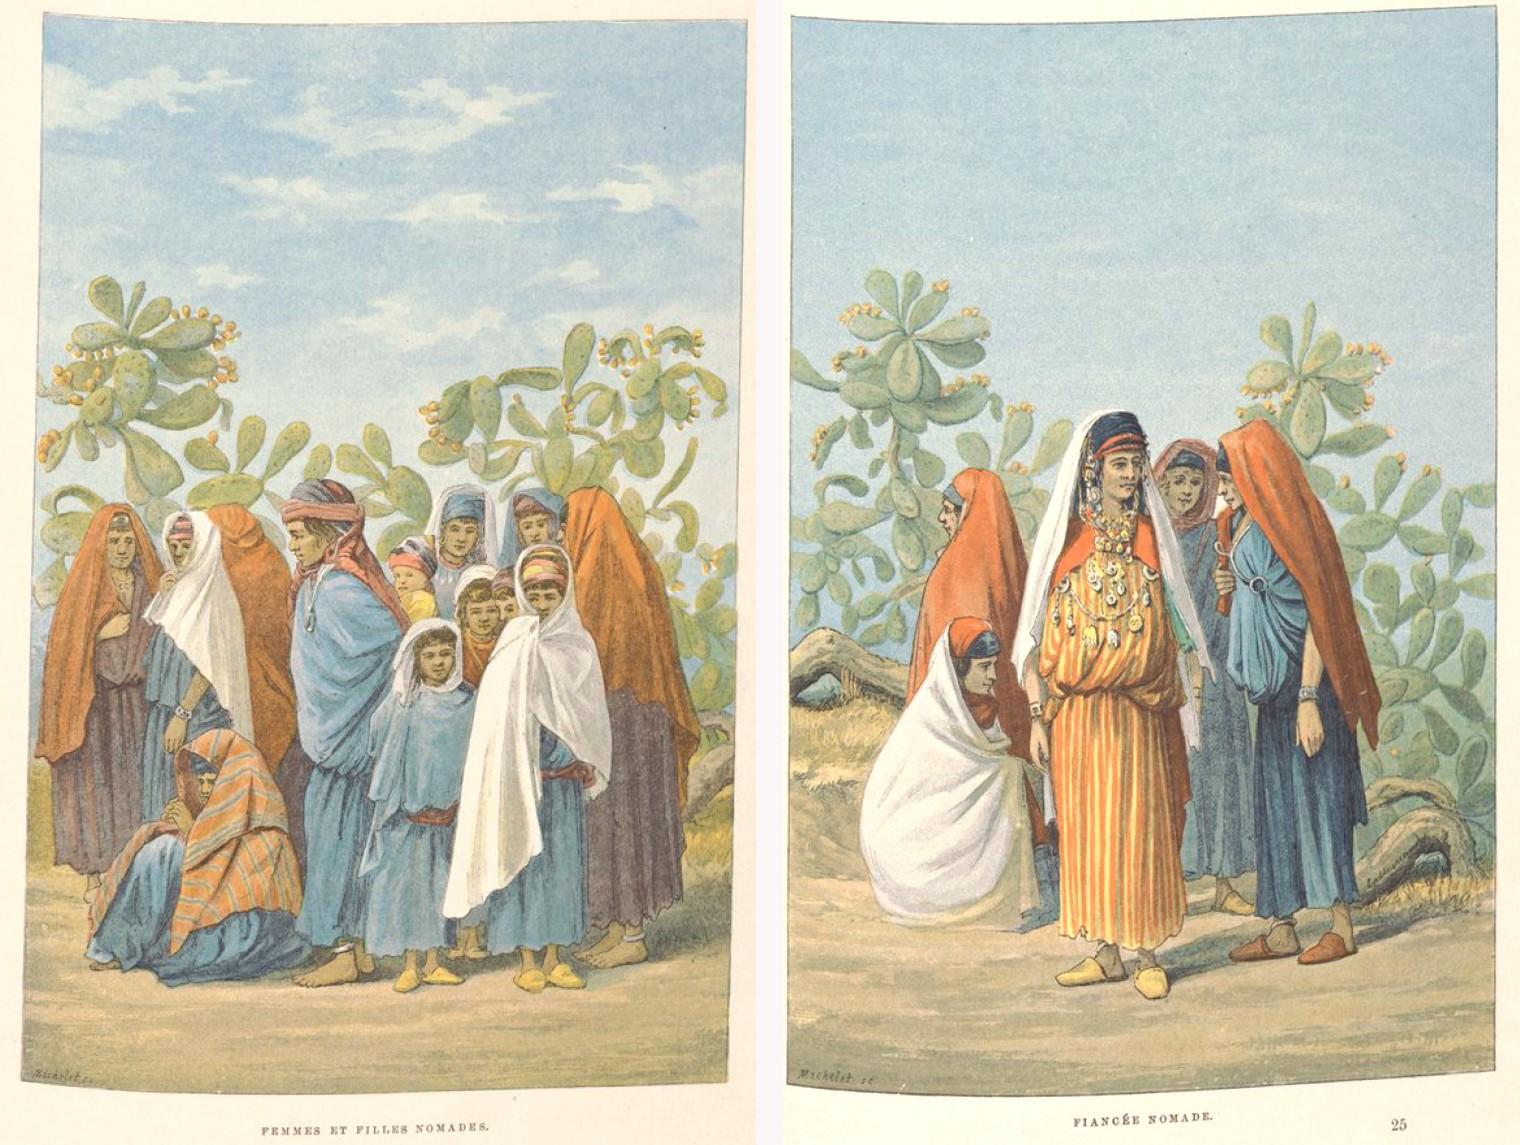 Femme nomades - Charles Lallemand, La Tunisie, pays de protectorat français, 1892.